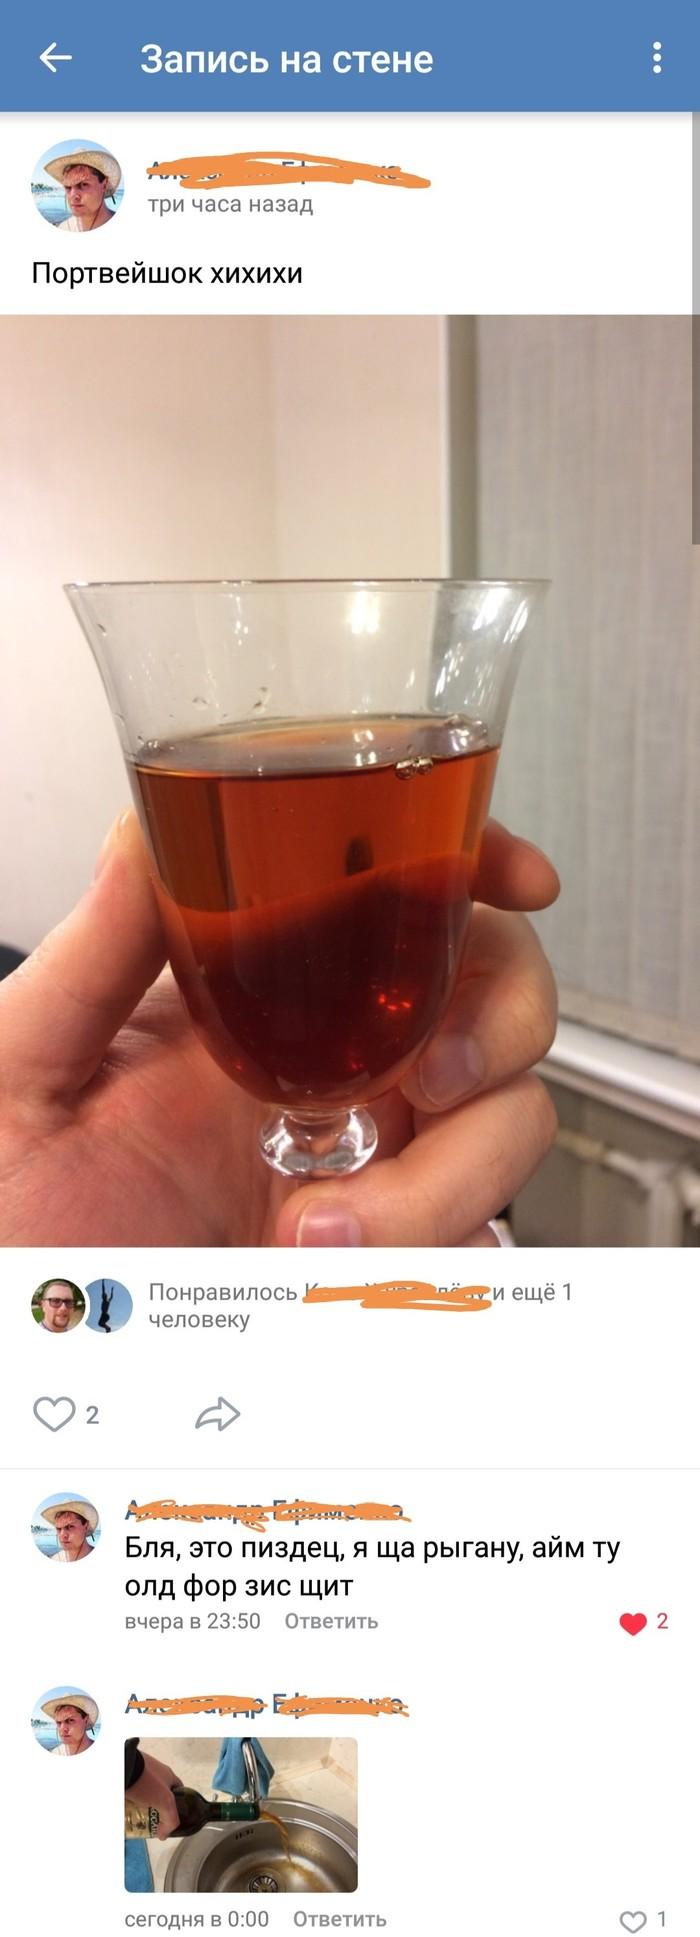 Один вечер из жизни друга Портвейн, Ностальгия, Алкоголизм, Длиннопост